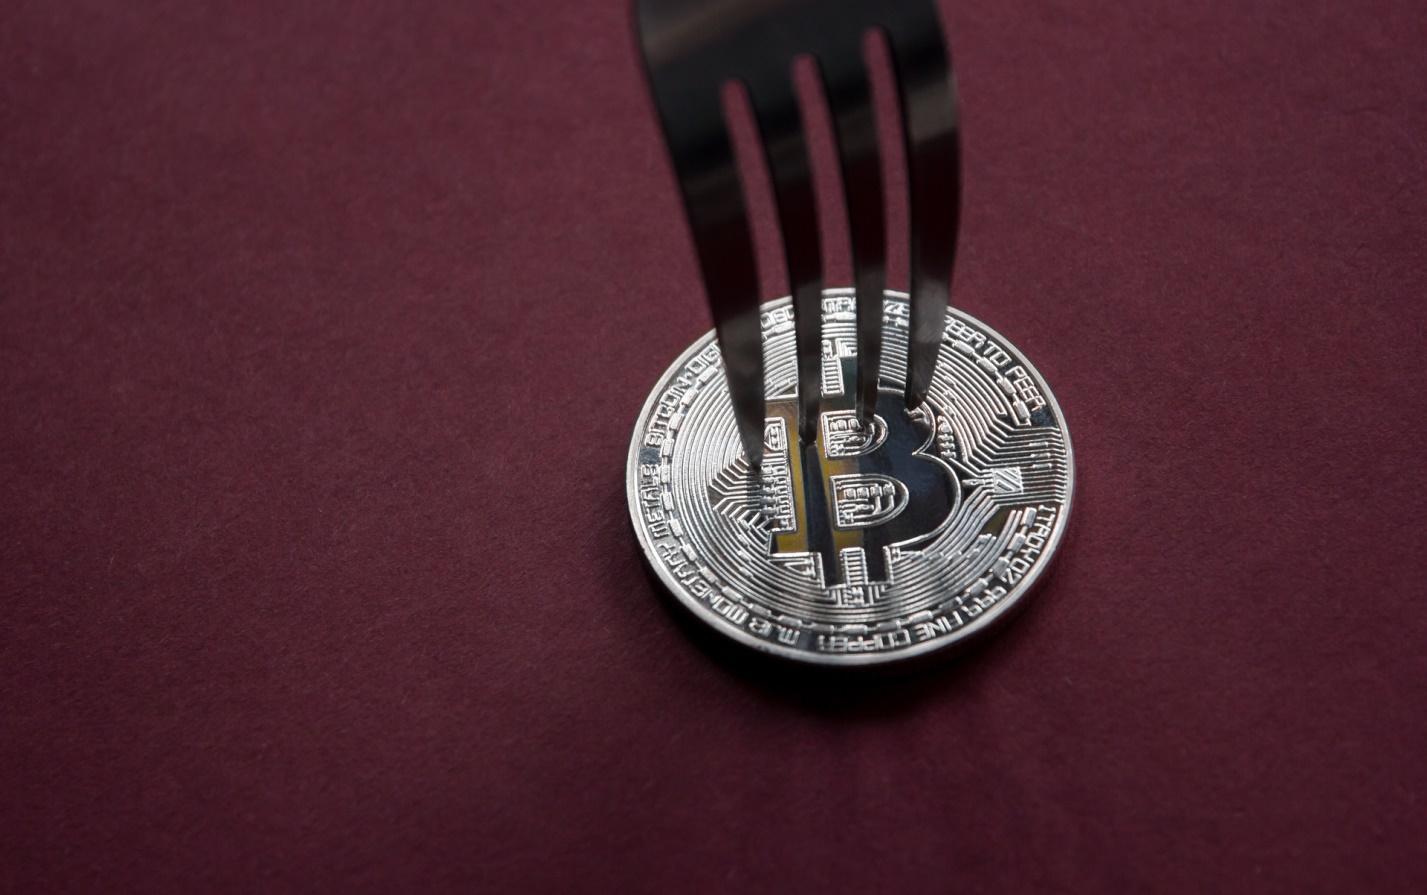 https://bitcoinist.com/wp-content/uploads/2019/10/shutterstock_684366025.jpg